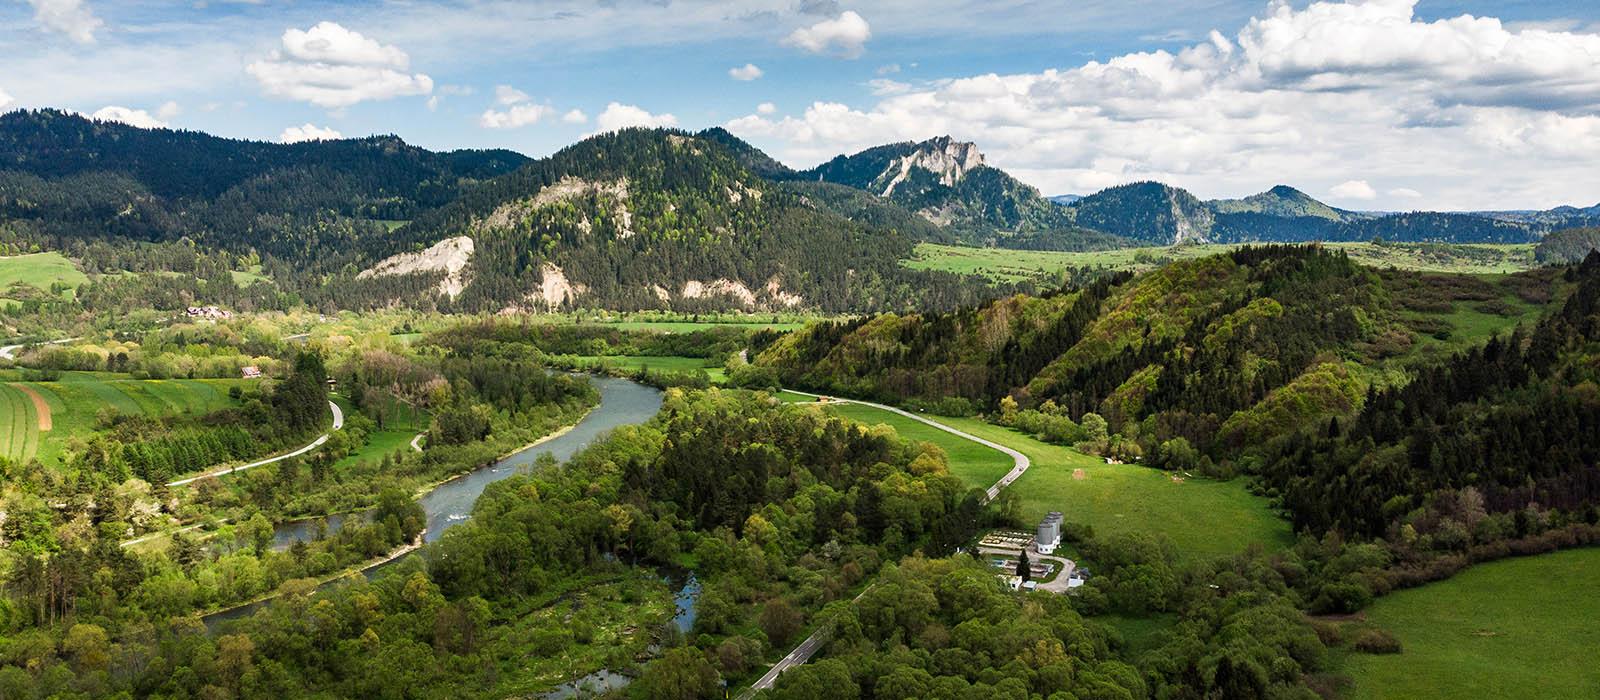 Nikdy jste nejeli na vodu obytňákem? Co takhle to vyzkoušet na Slovensku?